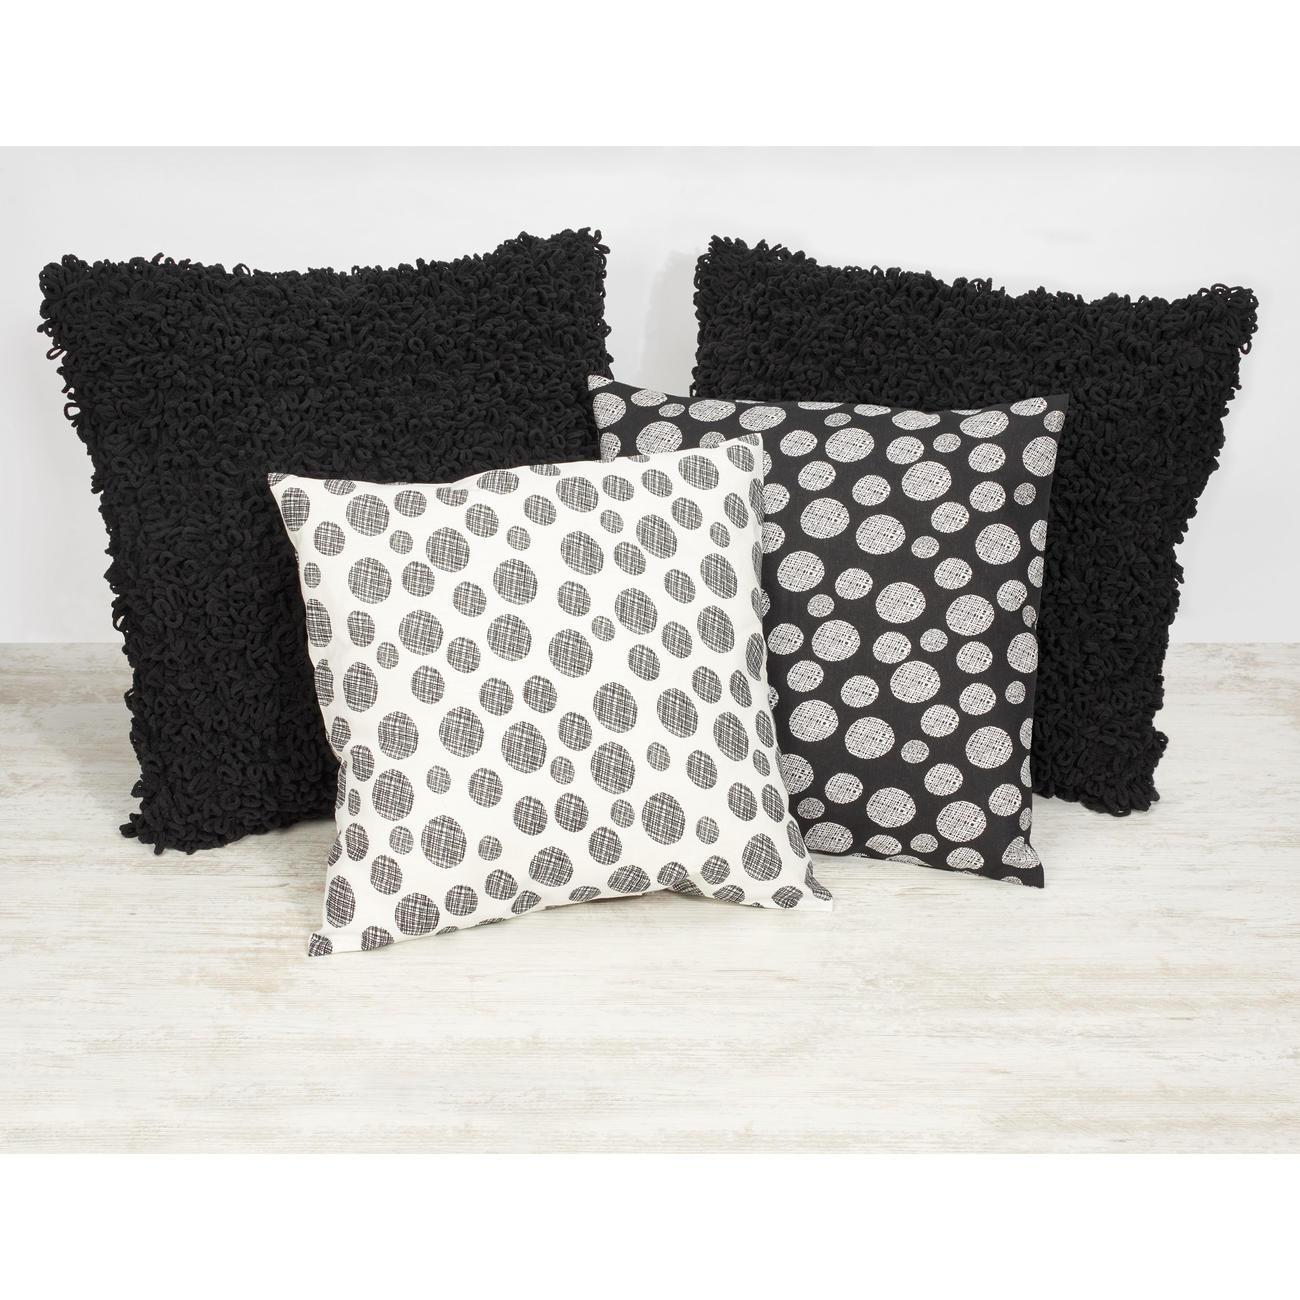 anleitung 044 7 kissen aus nicka curly von junghans wolle 1 versch farben. Black Bedroom Furniture Sets. Home Design Ideas